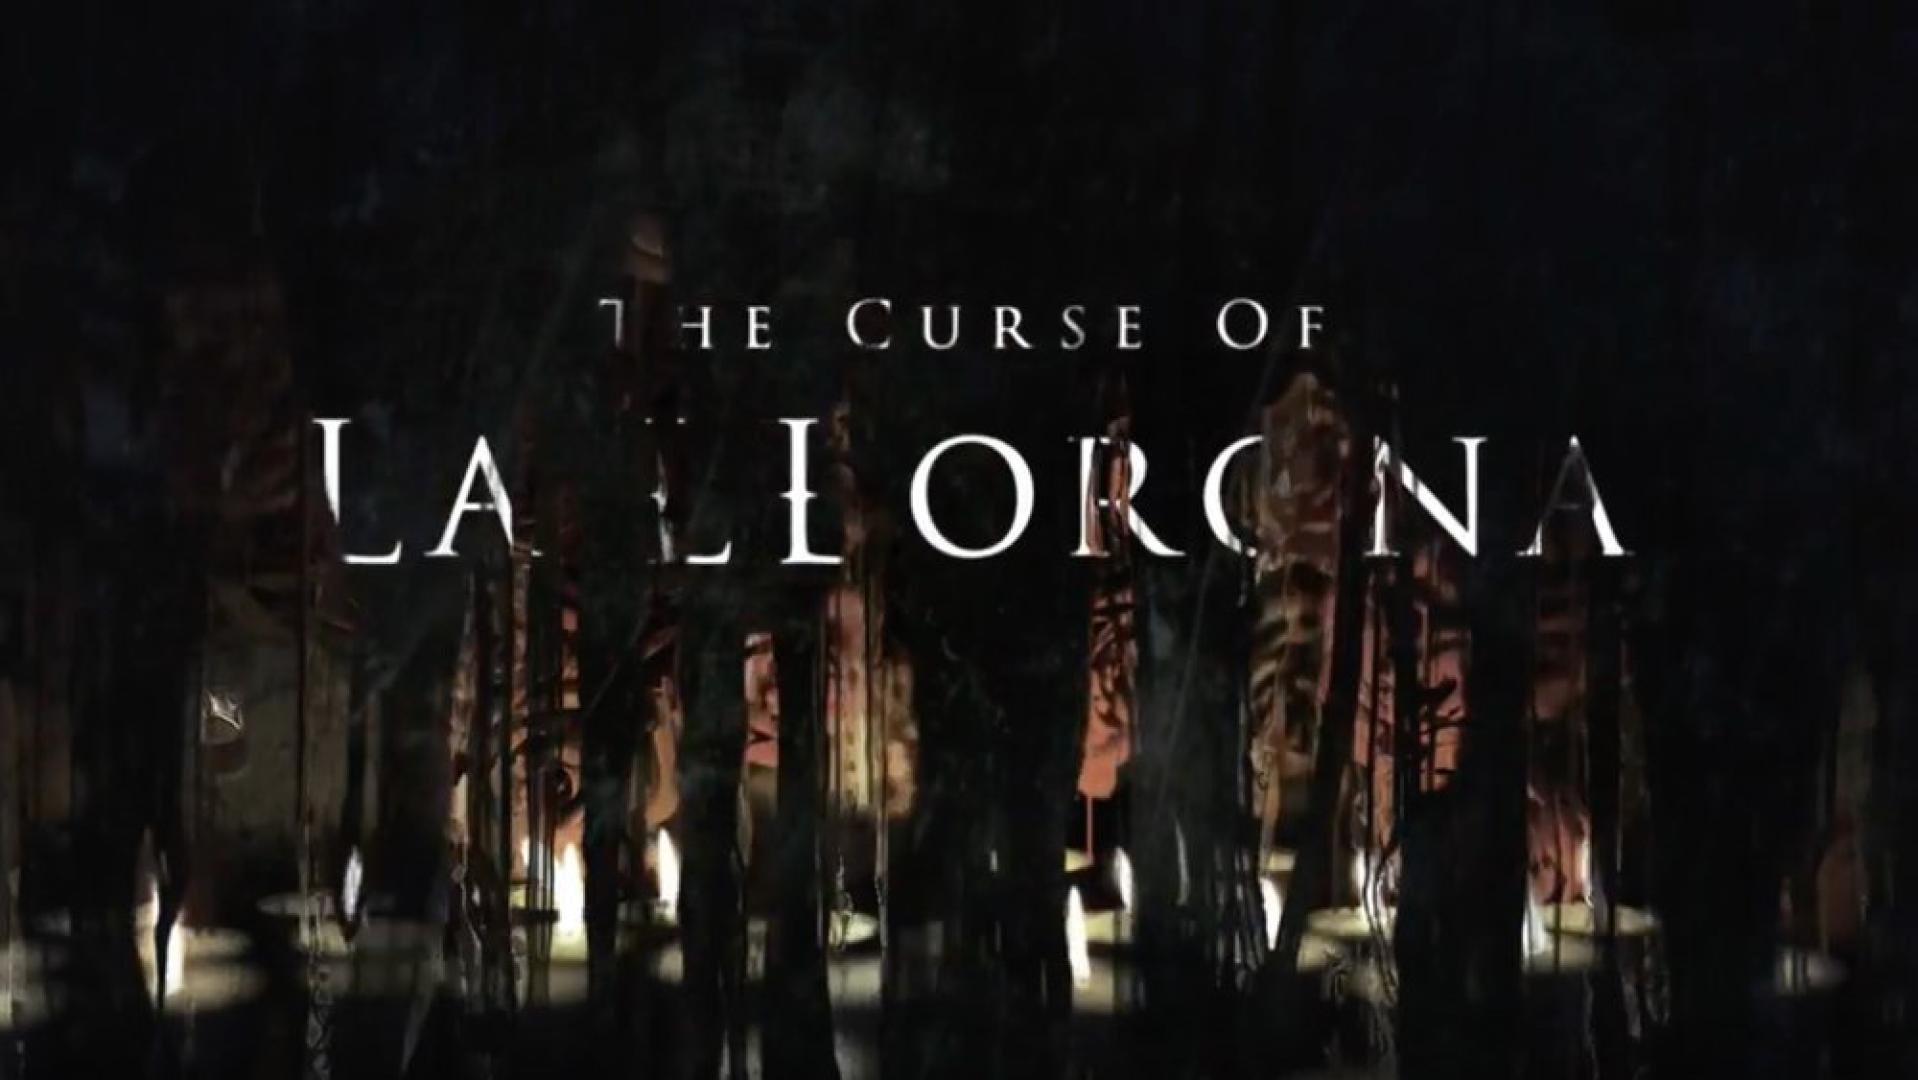 2019 áprilisában érkezik a The Curse of La Llorona